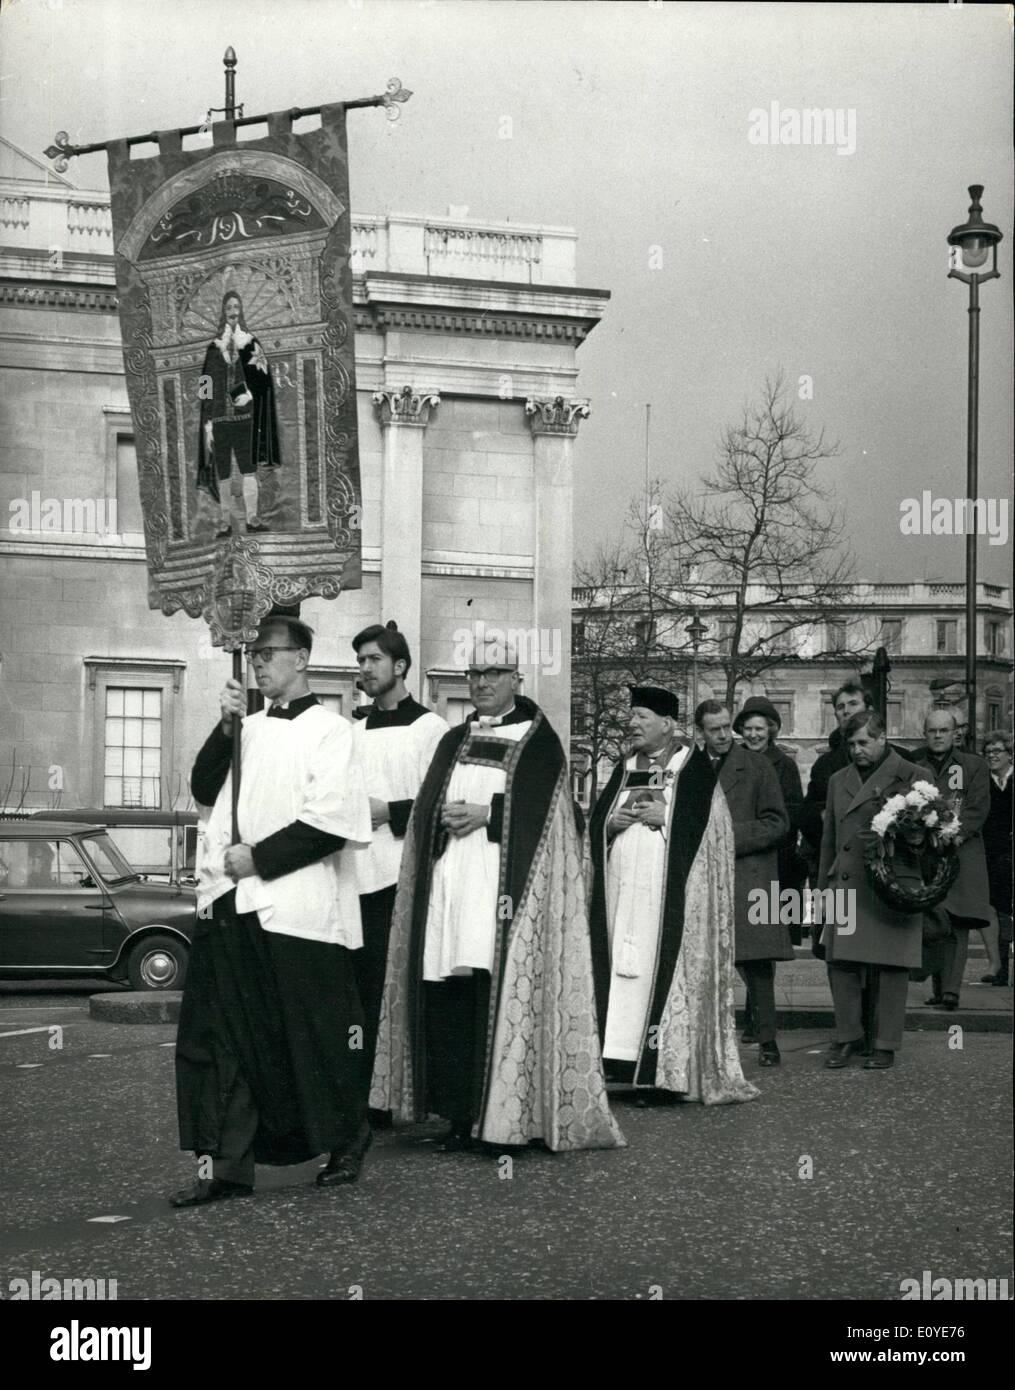 01 janvier 1970 - Il y avait un service à St. Martin-dans-le-domaine aujourd'hui, suivie par une procession à la statue du roi Charles 1er. en haut de Whitehall, dans le cadre des cérémonies pour marquer l'anniversaire de son exécution. La photo montre la vue de la procession d'aujourd'hui. Photo Stock